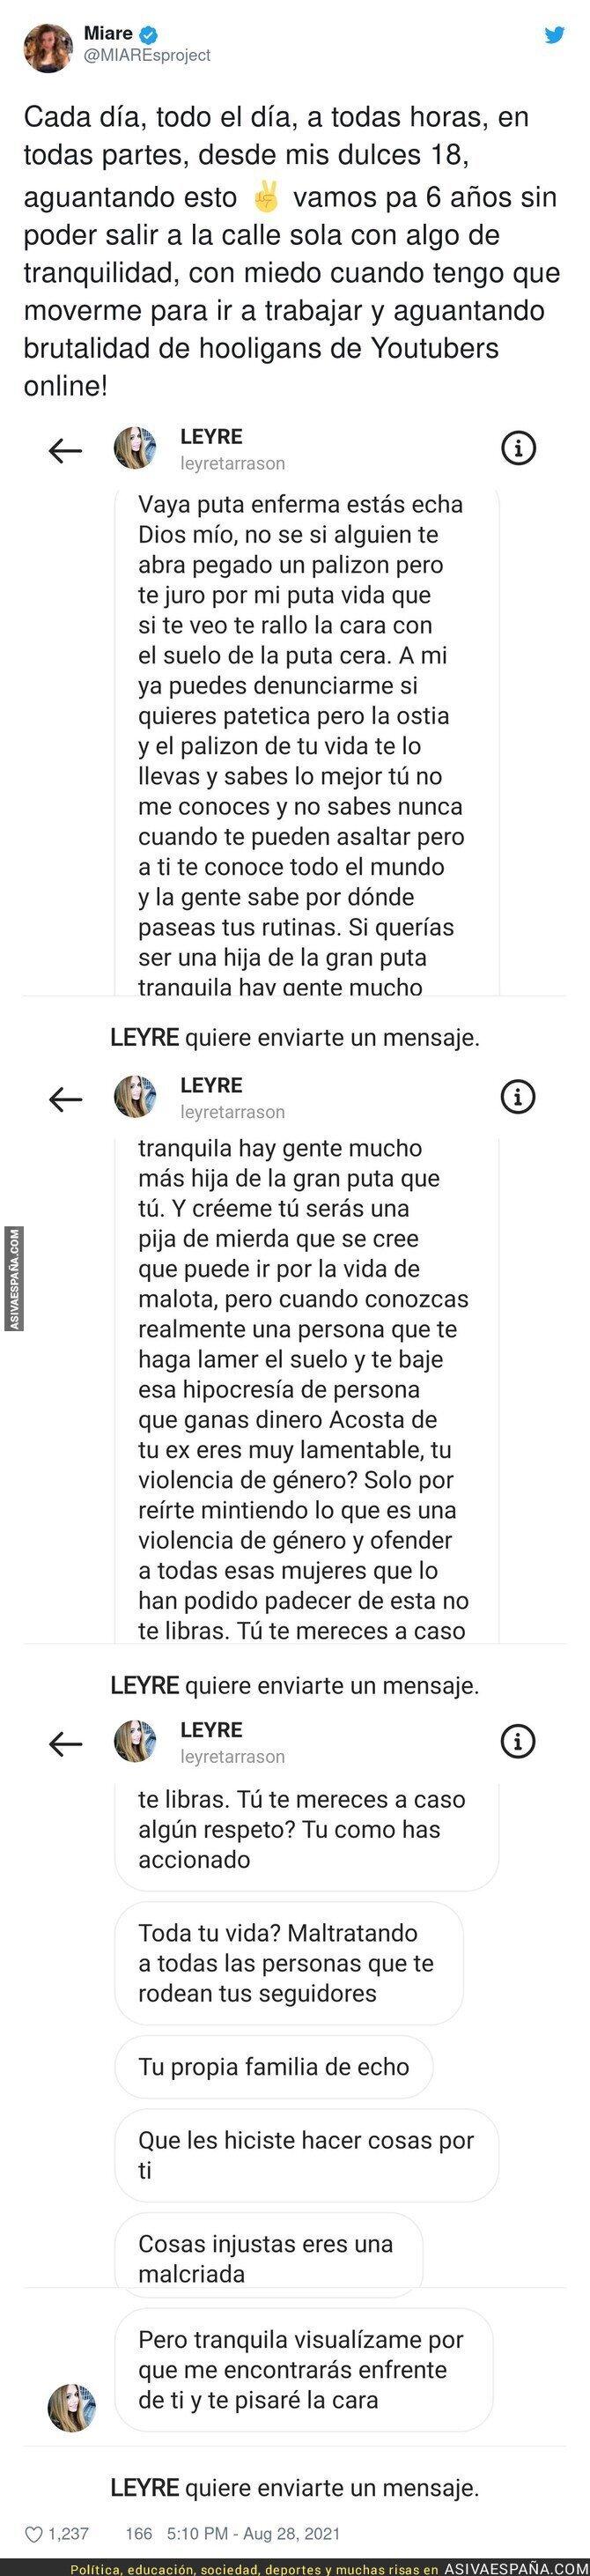 888775 - Las barbaridades que le escriben a la youtuber 'Miare' por Instagram que son totalmente denunciables